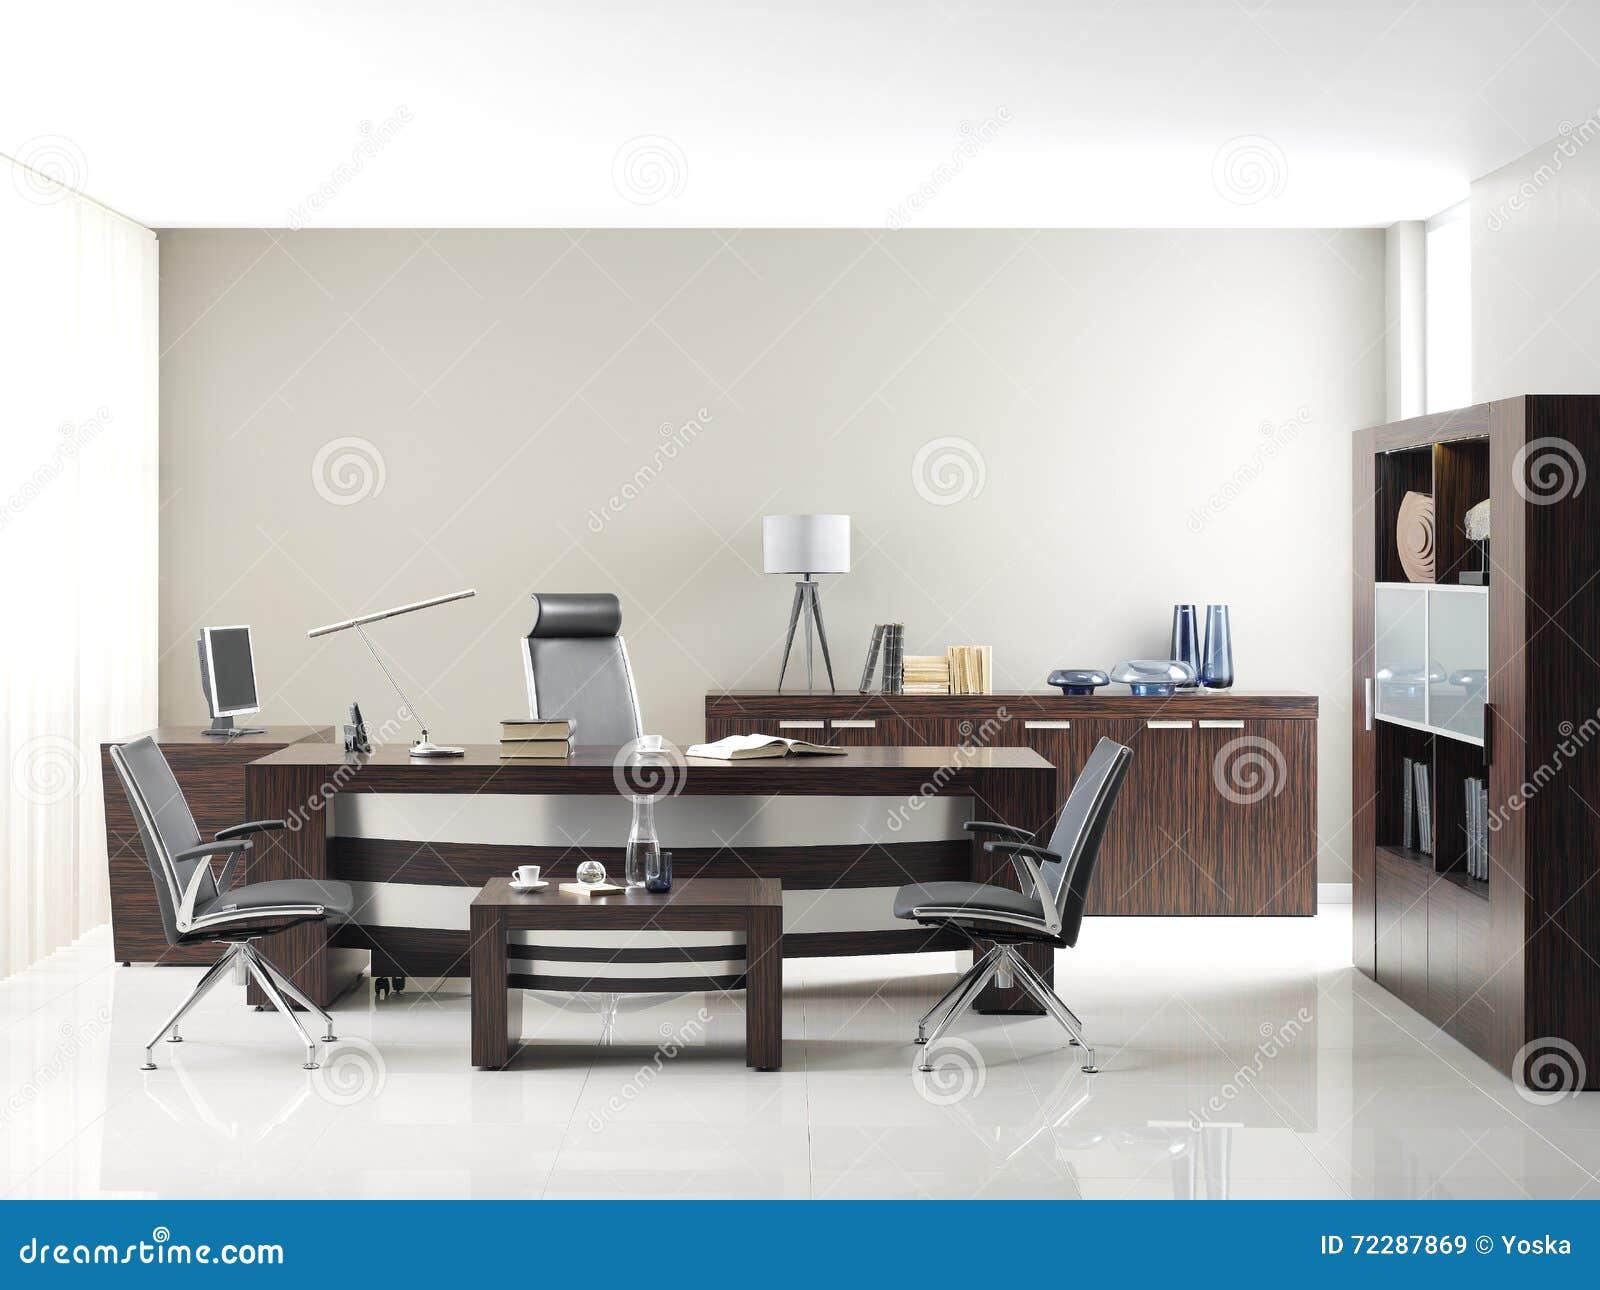 Download Офисная мебель VIP иллюстрация штока. иллюстрации насчитывающей встреча - 72287869